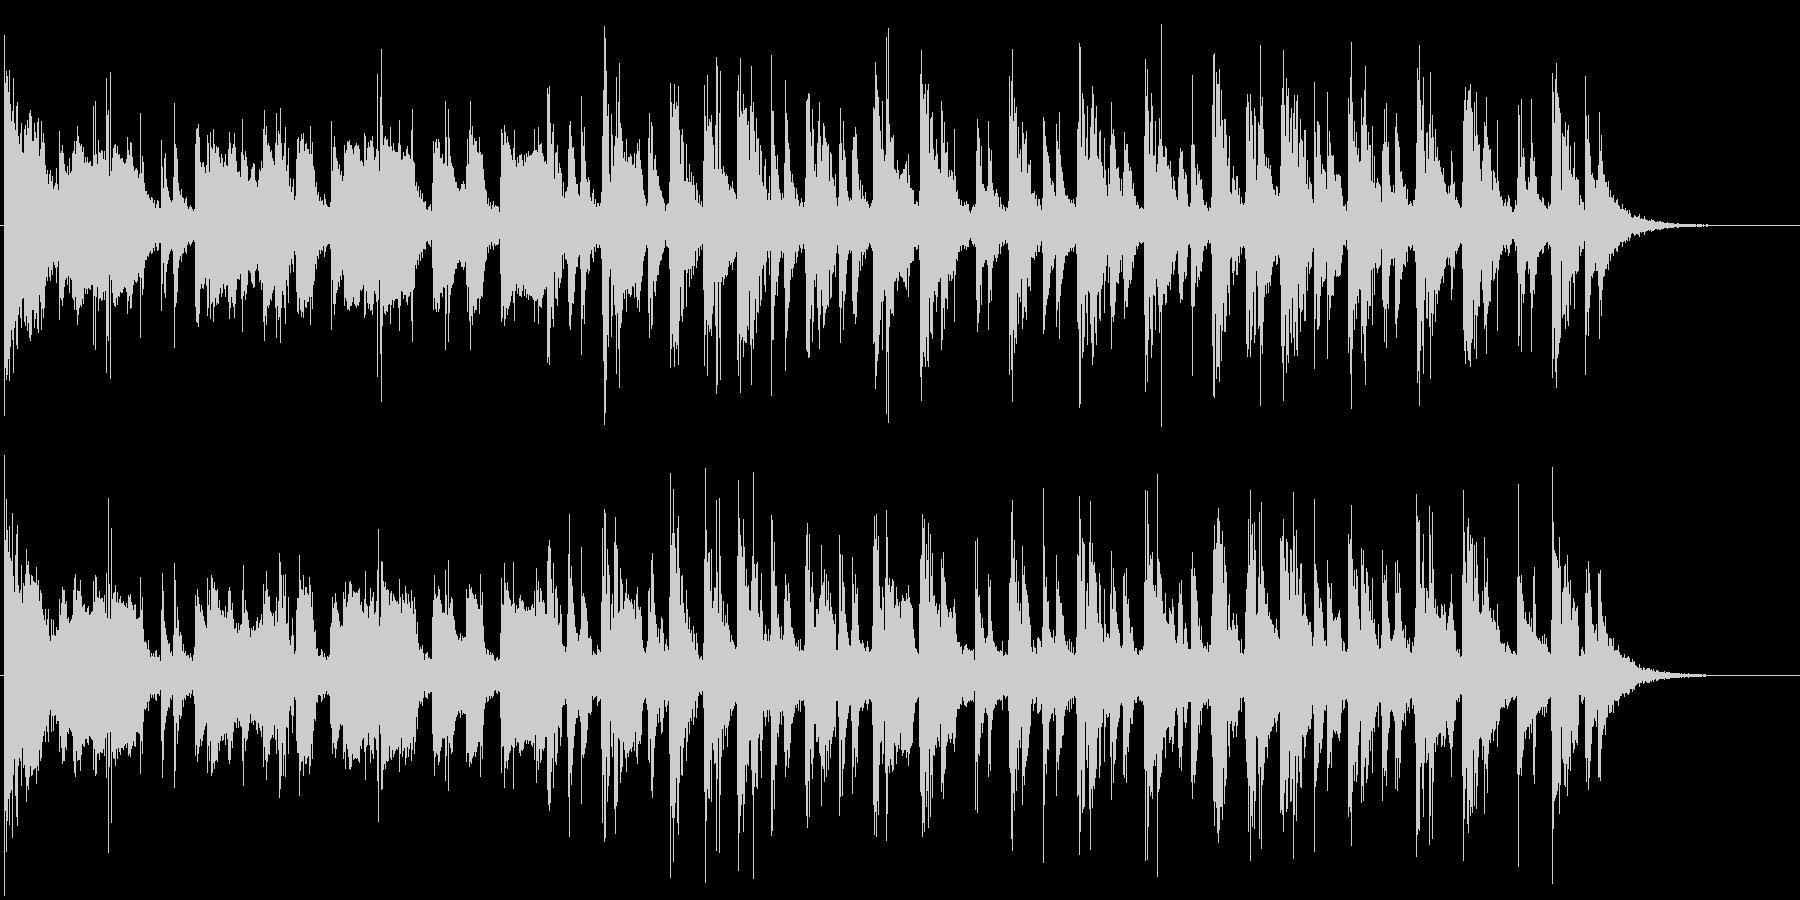 太鼓と笛と三味線による祭り囃子風な曲の未再生の波形